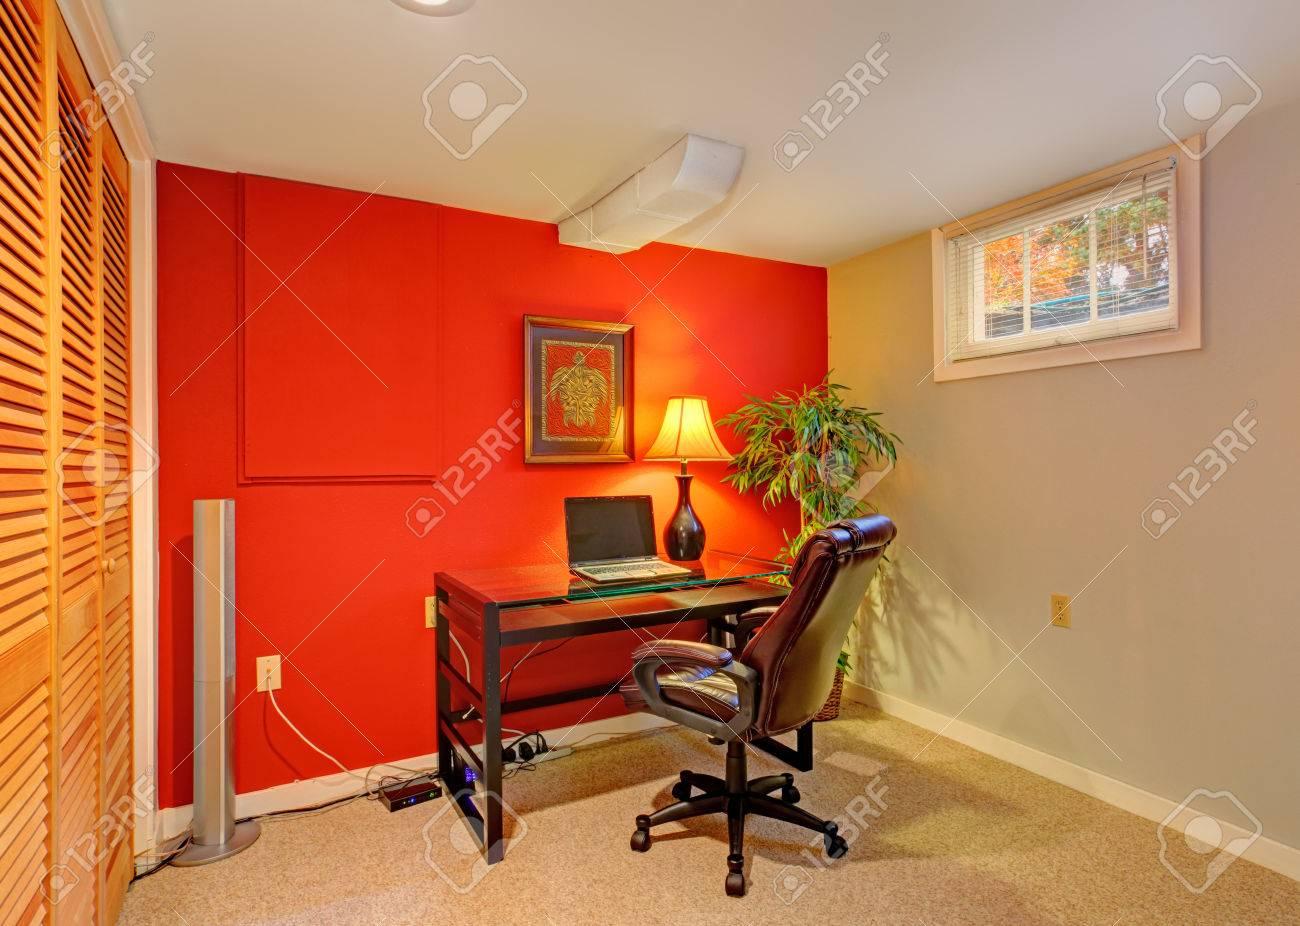 Kleines Büro Mit Kontrast Rote Wand, Beige Teppichboden Und Kleine ...